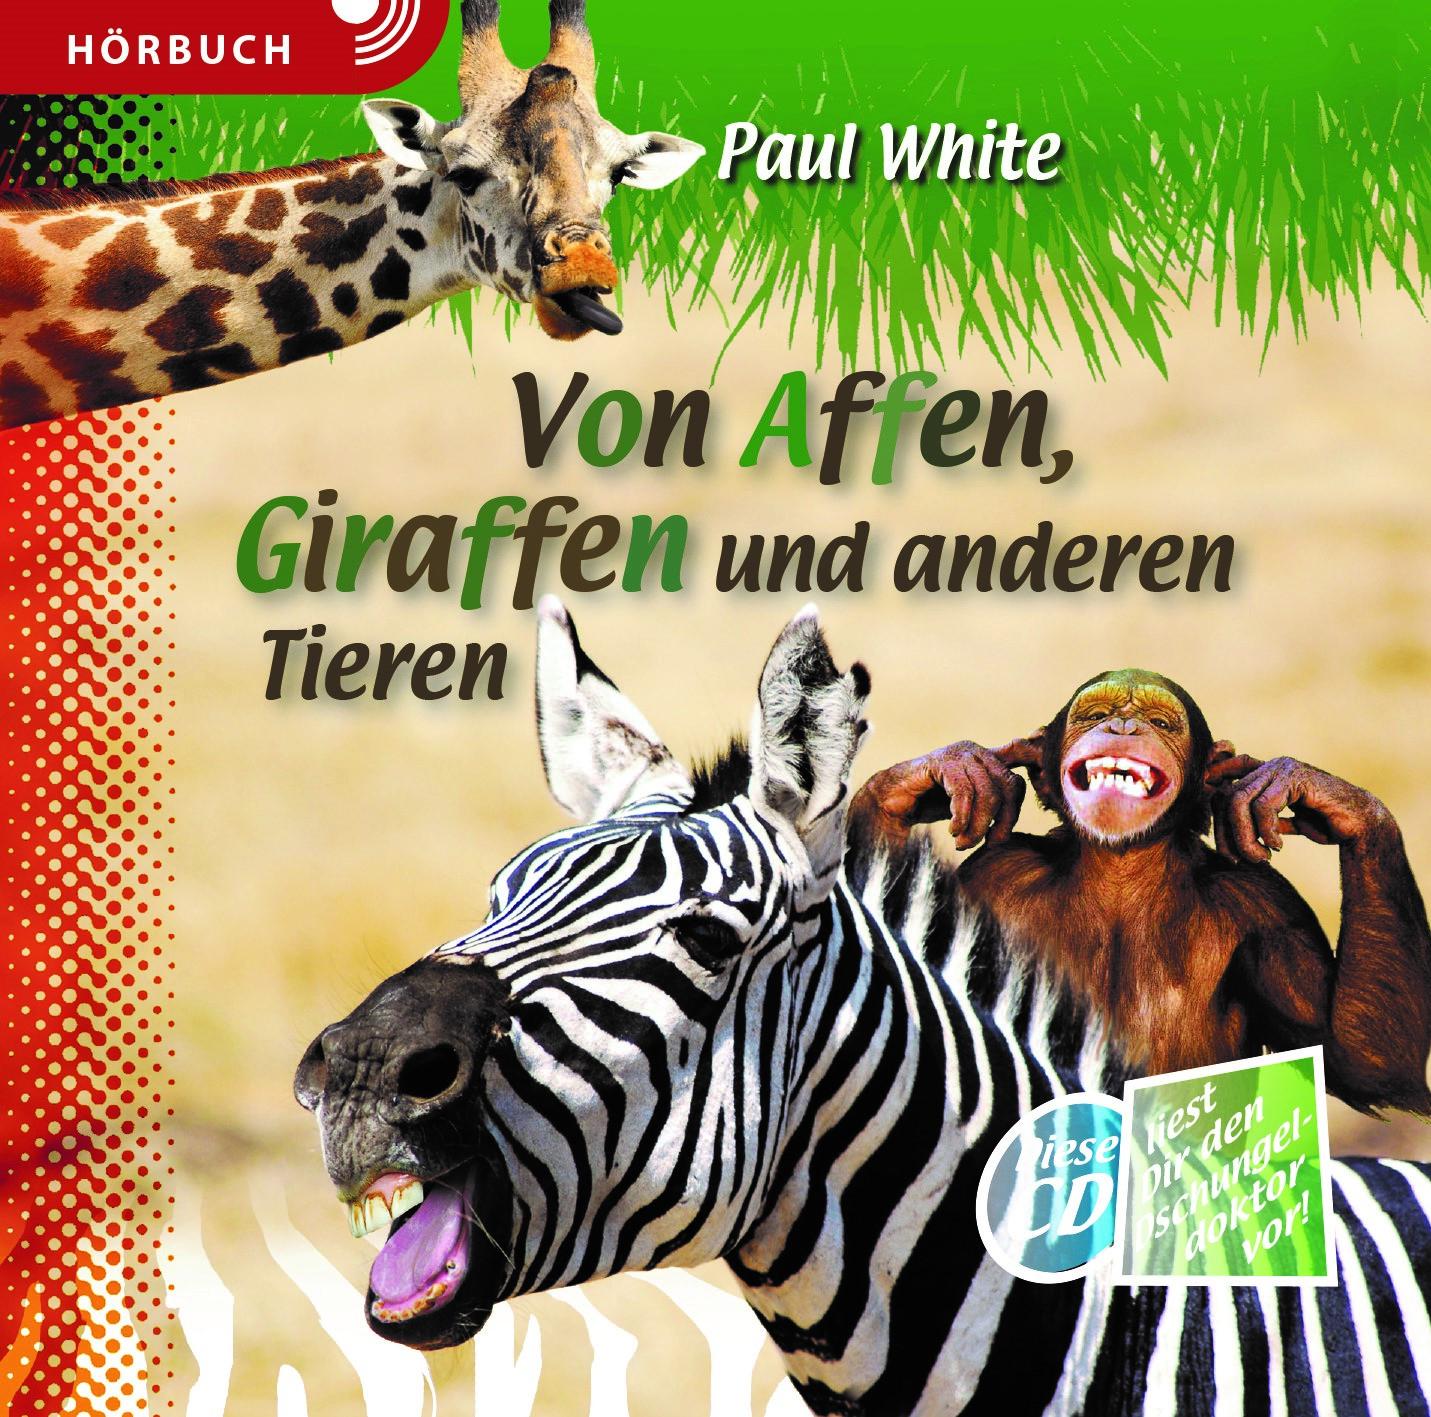 clv_von-affen-giraffen-und-anderen-tieren-mp3_paul-white_256982_1(1)